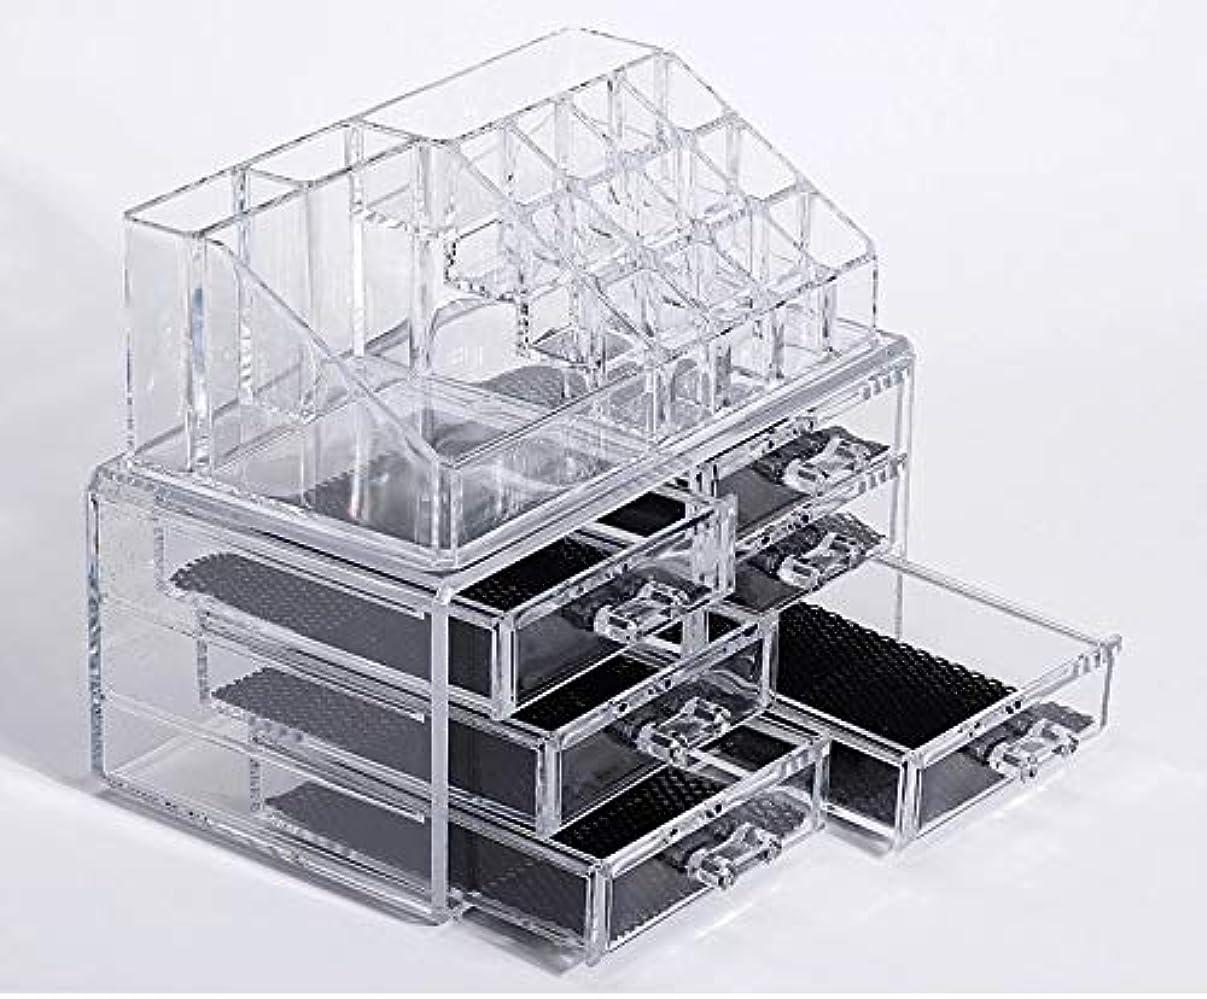 ベールメンテナンス聞きます化粧品収納ボックス メイクケース メイクボックス コスメボックス 騒音なし 防塵 高透明度 強い耐久性 整理簡単 引き出し小物